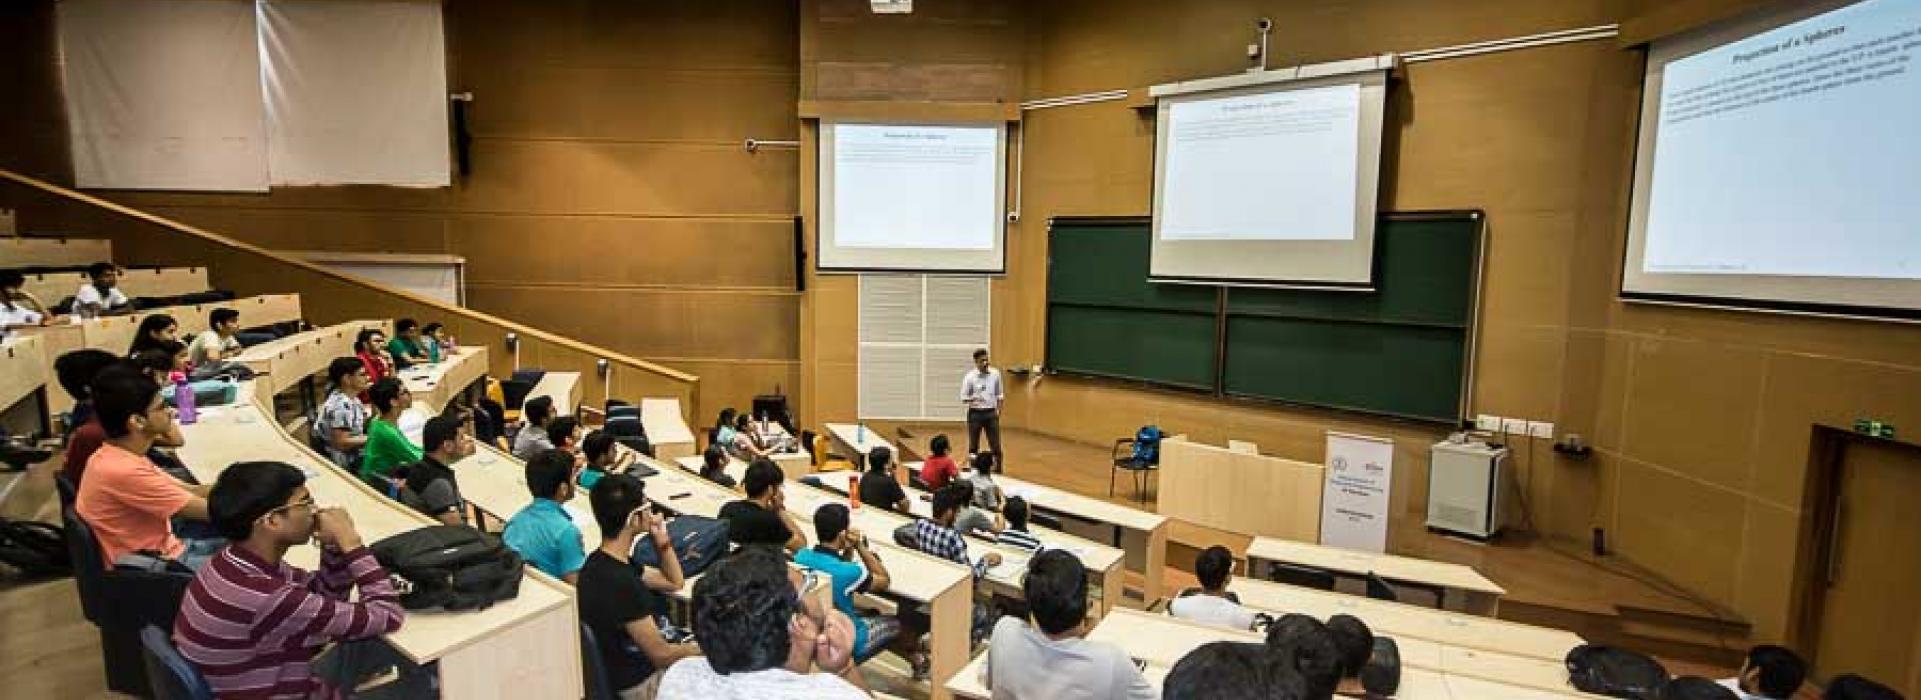 Welcome to IIT Mechanical | IIT Mechanical